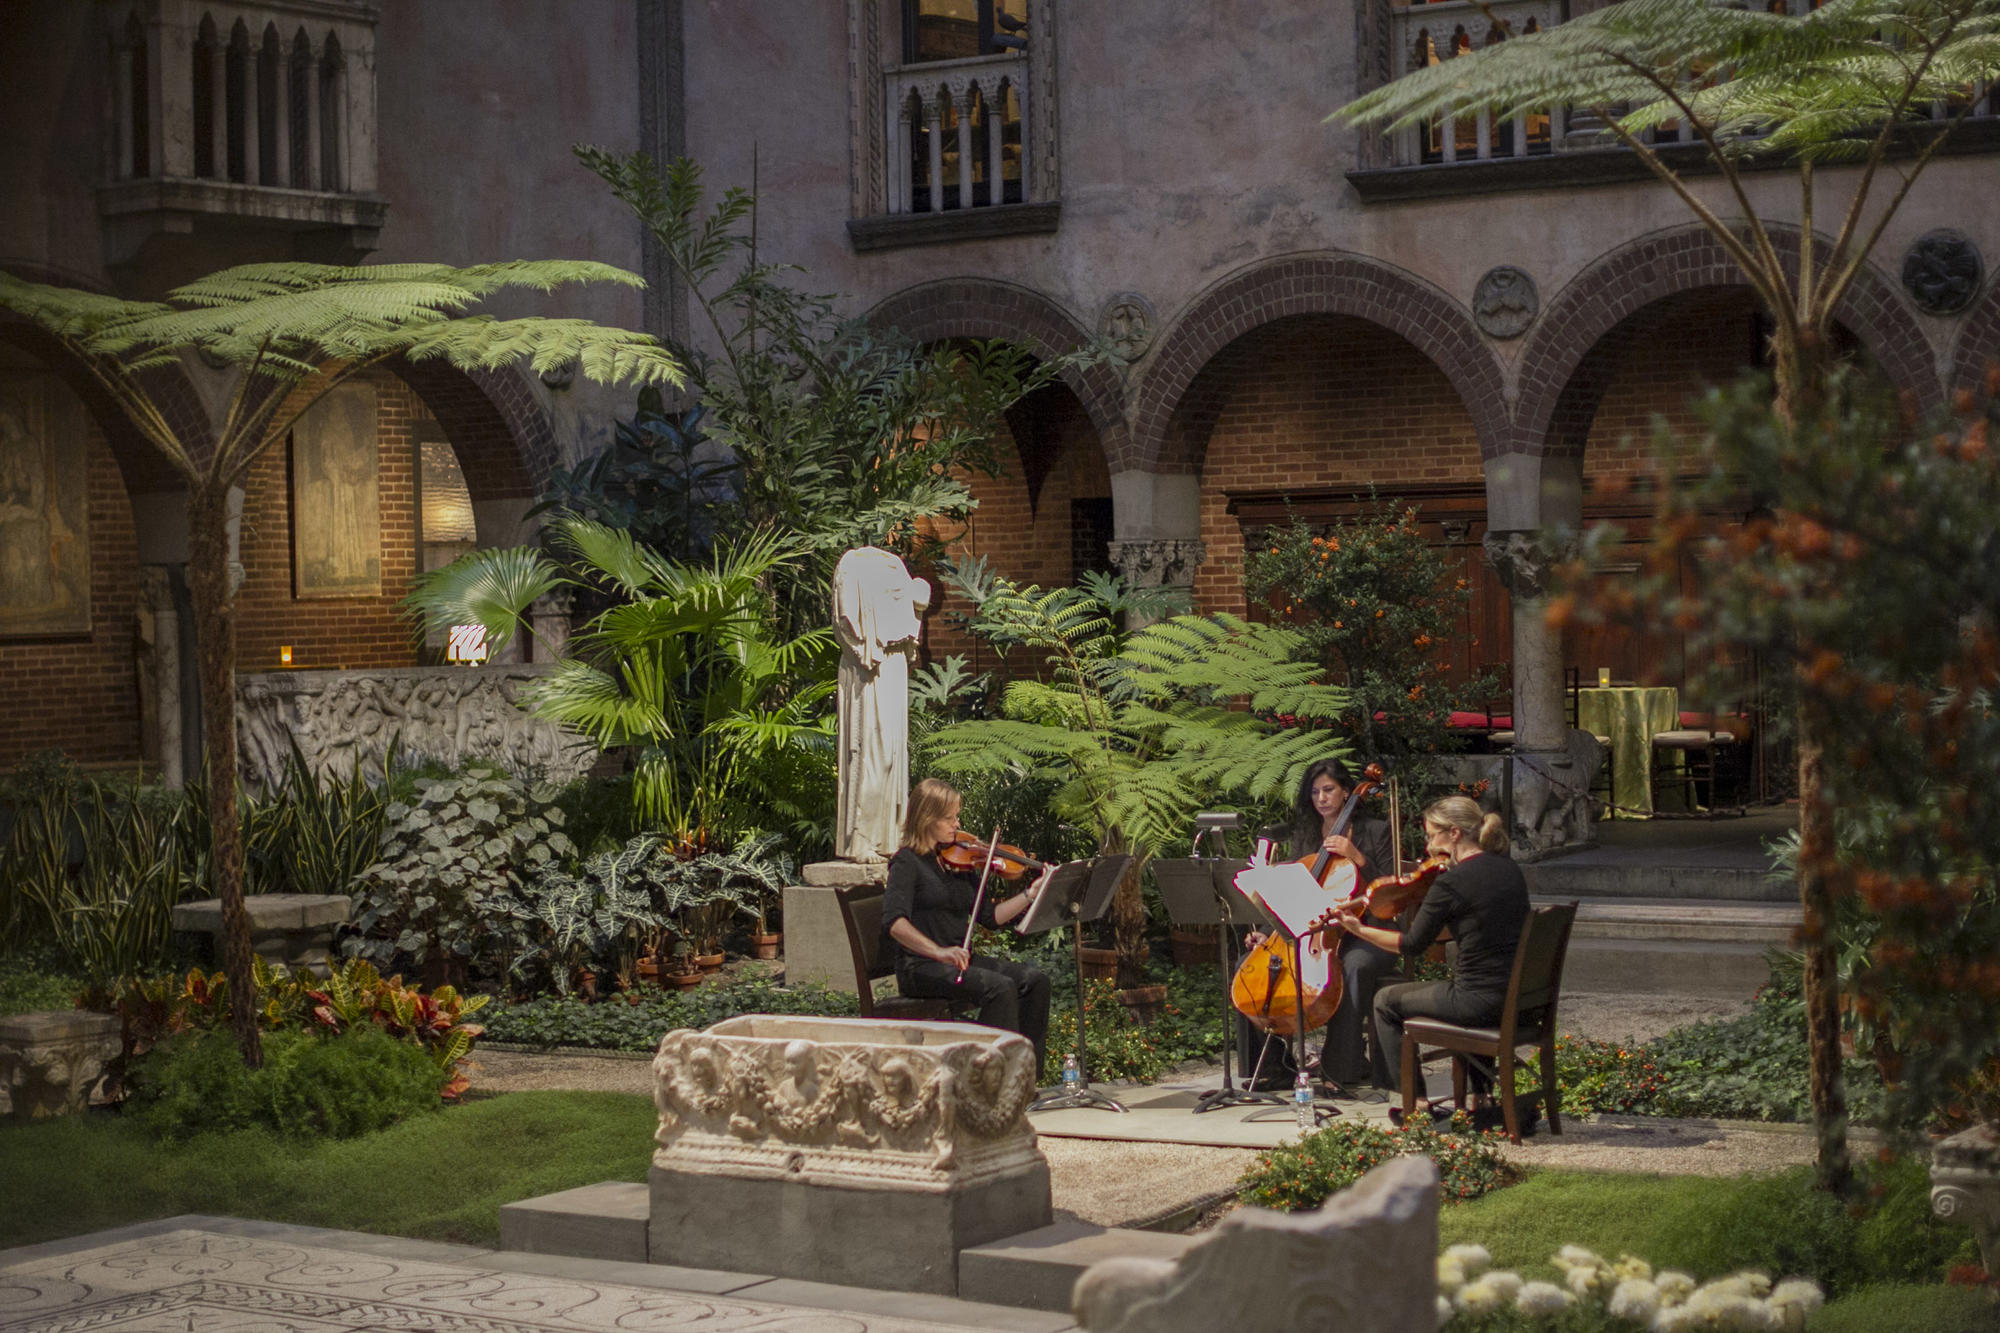 Musicians in the Courtyard, photo by Matt Teuten